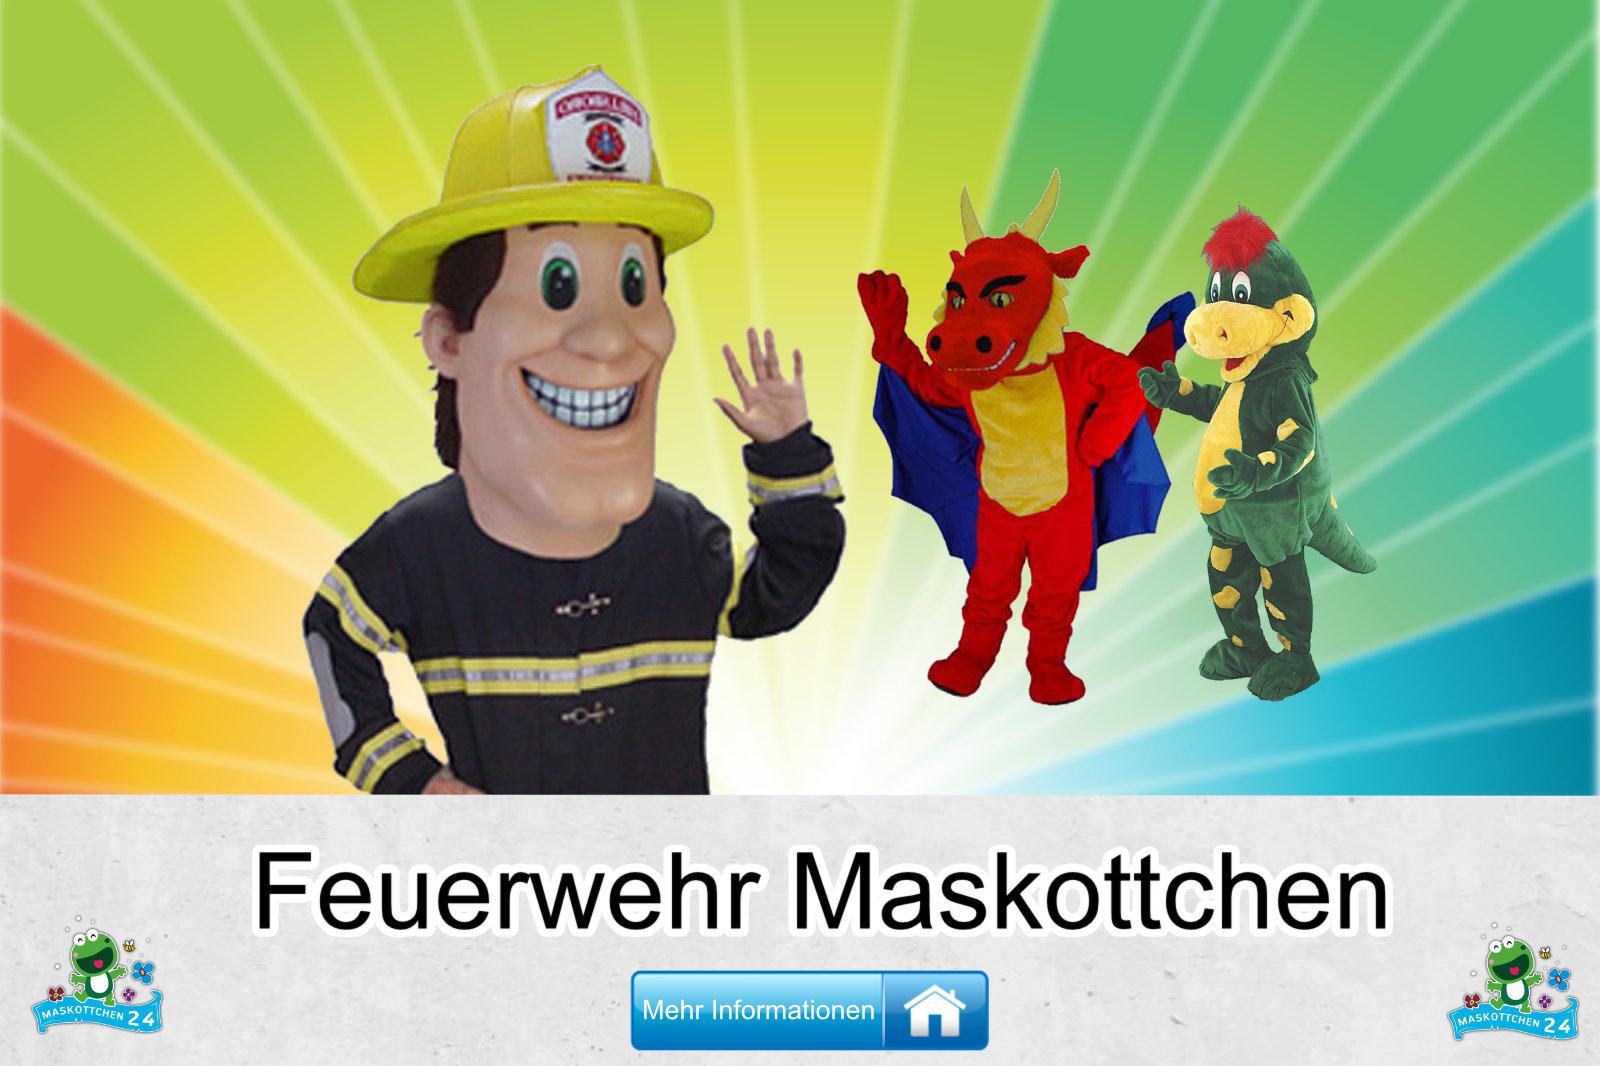 Feuerwehr Kostüme Maskottchen Herstellung Firma günstig kaufen